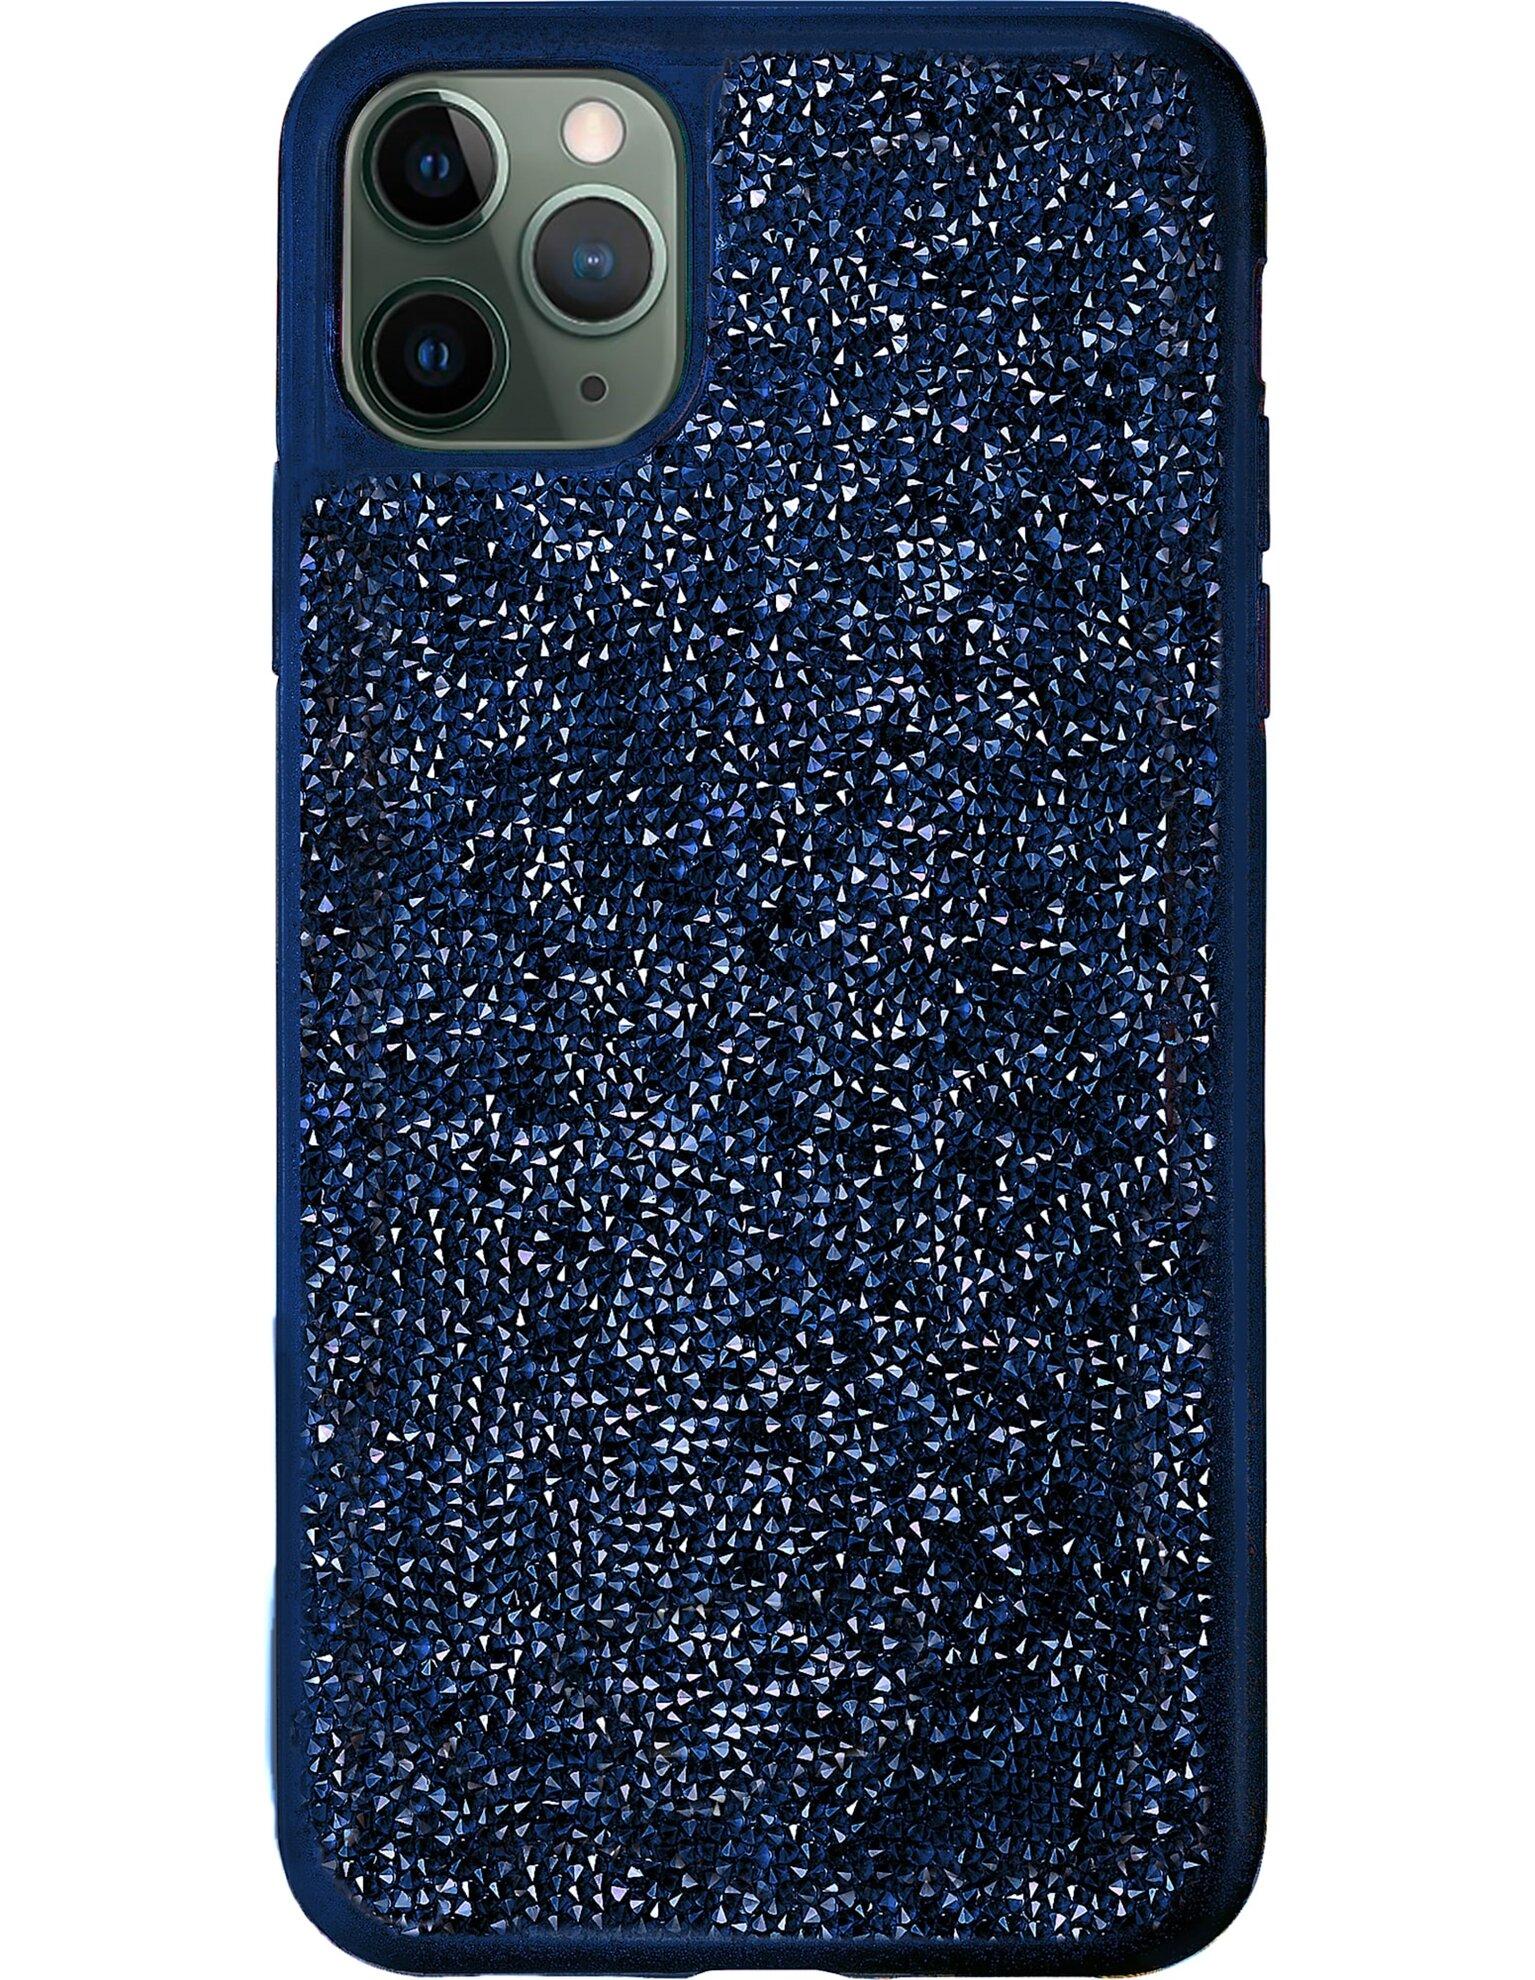 Picture of Glam Rock Koruyuculu Akıllı Telefon Kılıf, iPhone® 12 Pro Max, Mavi